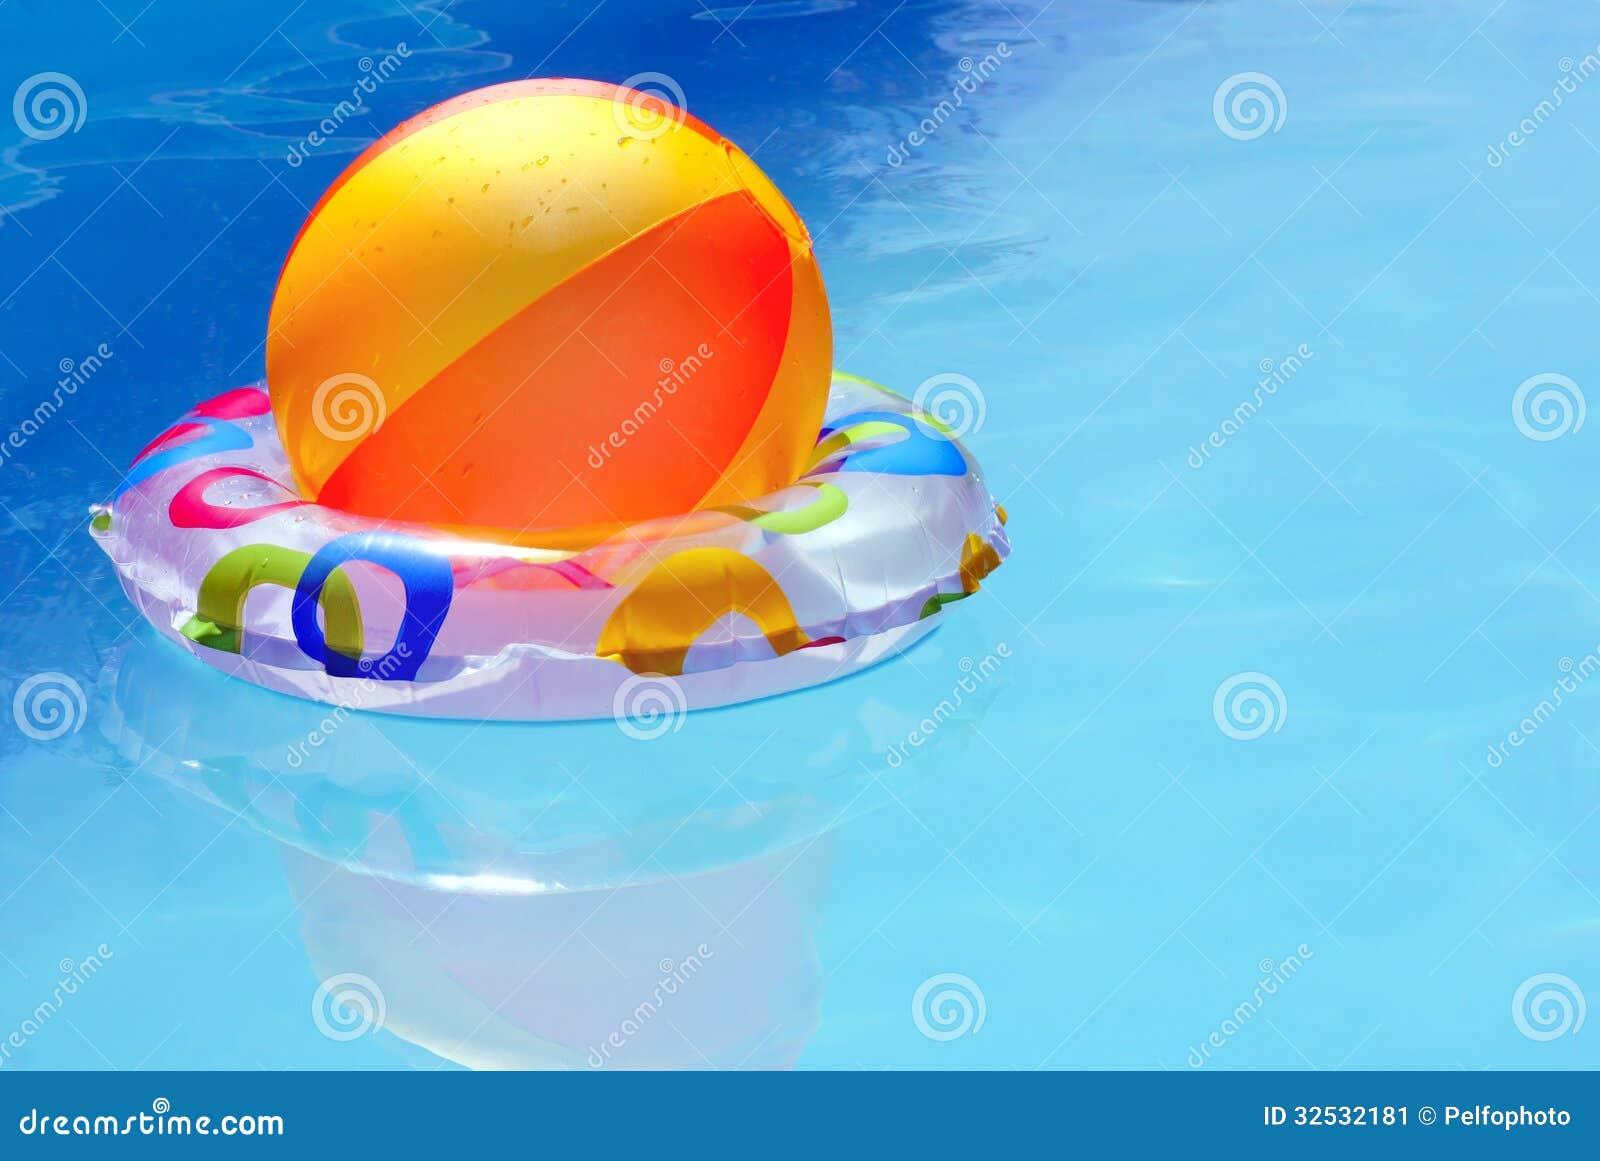 Juguetes Inflables En Agua Imagen De Archivo Imagen De Bathing Caliente 32532181